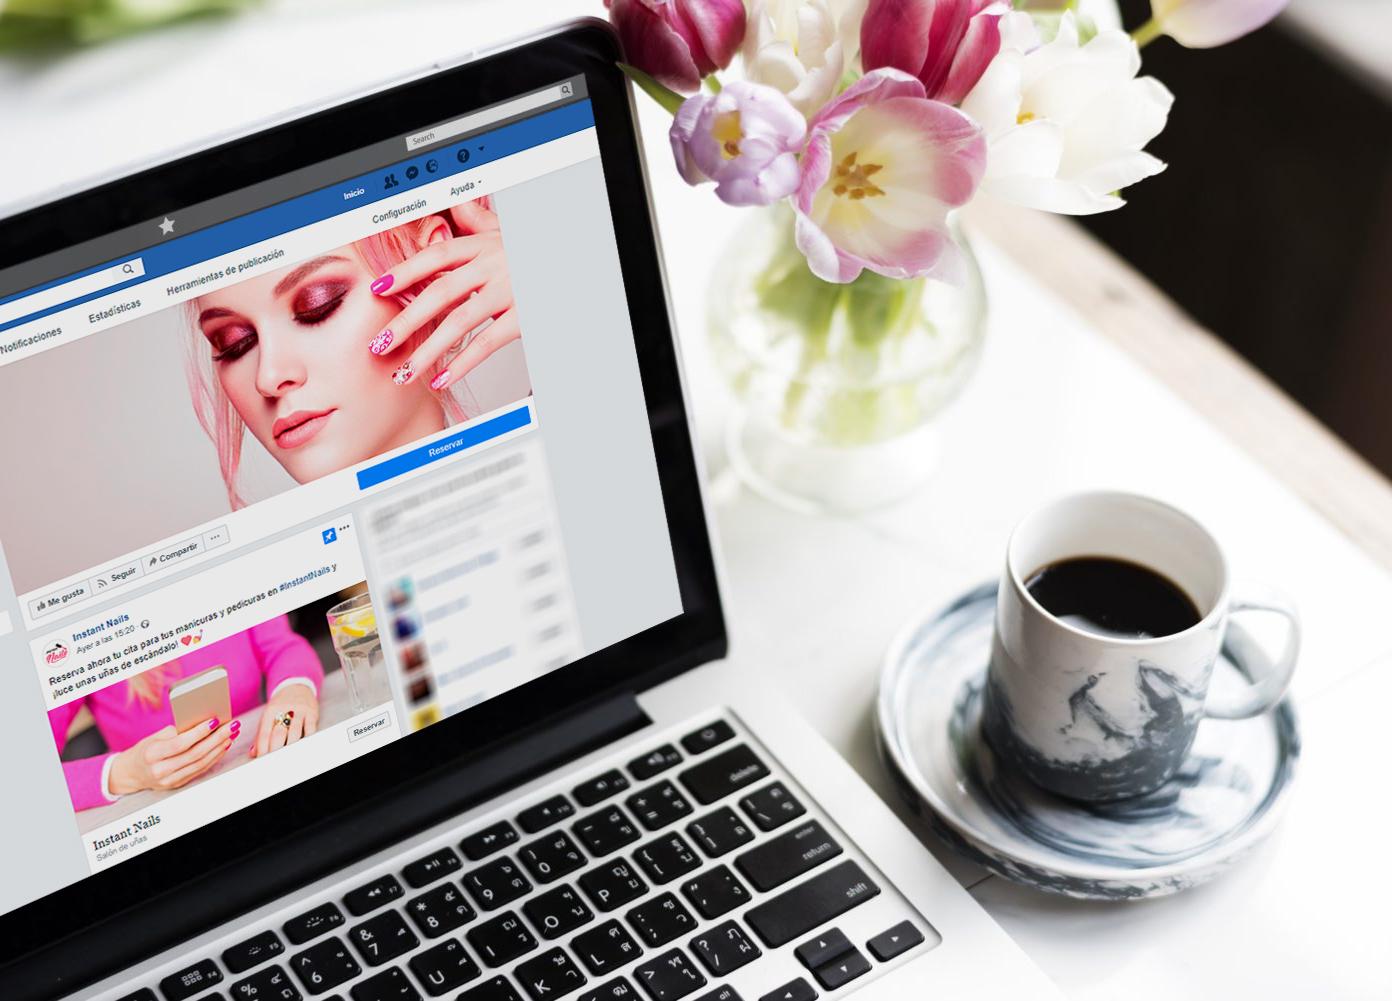 5-ideas-de-publicaciones-para-conseguir-nuevos-clientes-en-facebook_flowww